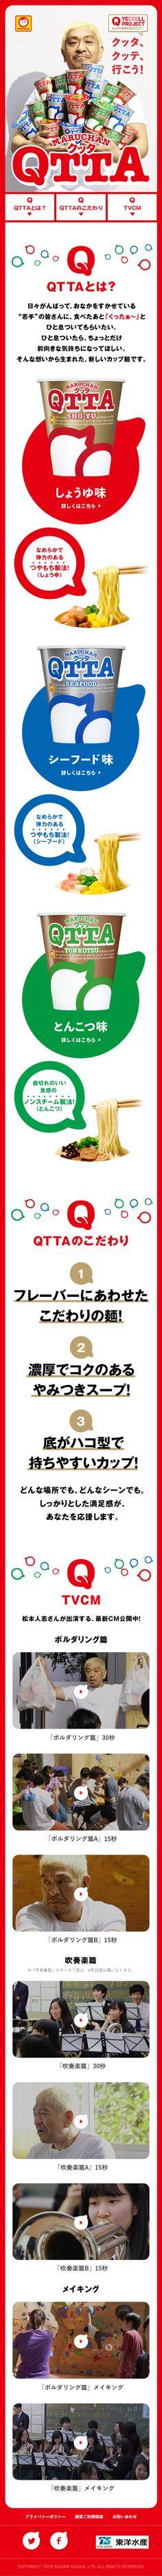 QTTA|WEBデザイナーさん必見!スマホランディングページのデザイン参考に(にぎやか系)